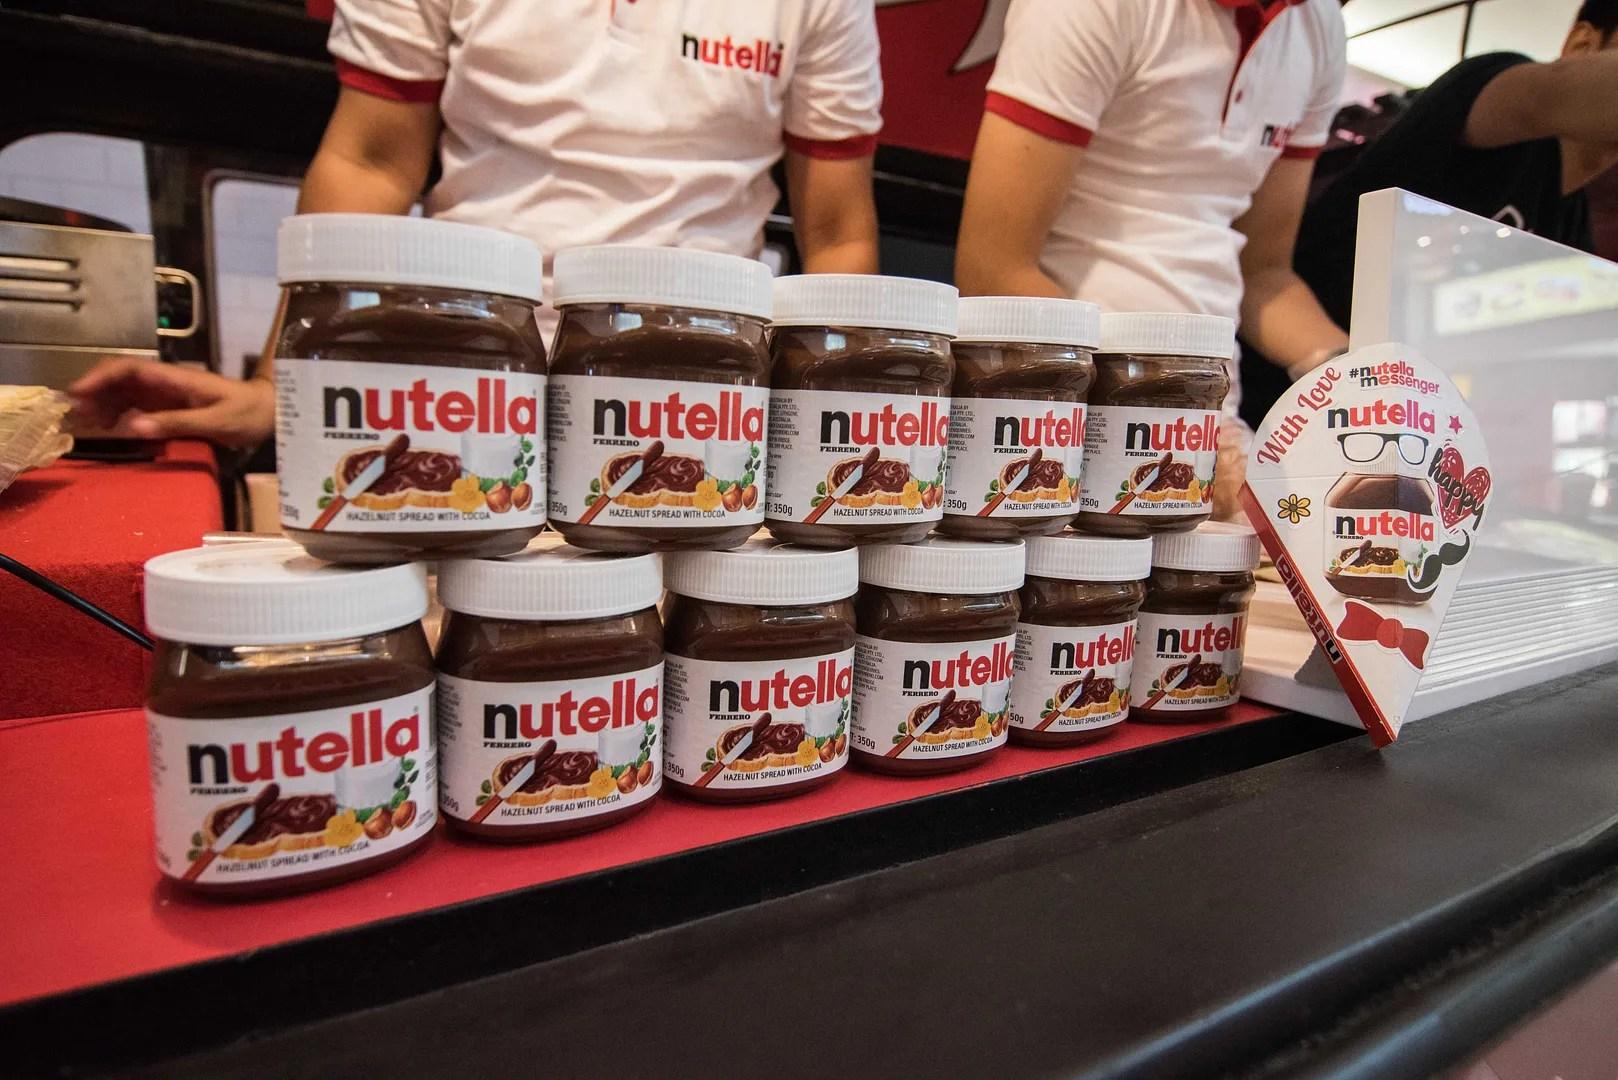 photo 01 - Nutella Jars.jpg